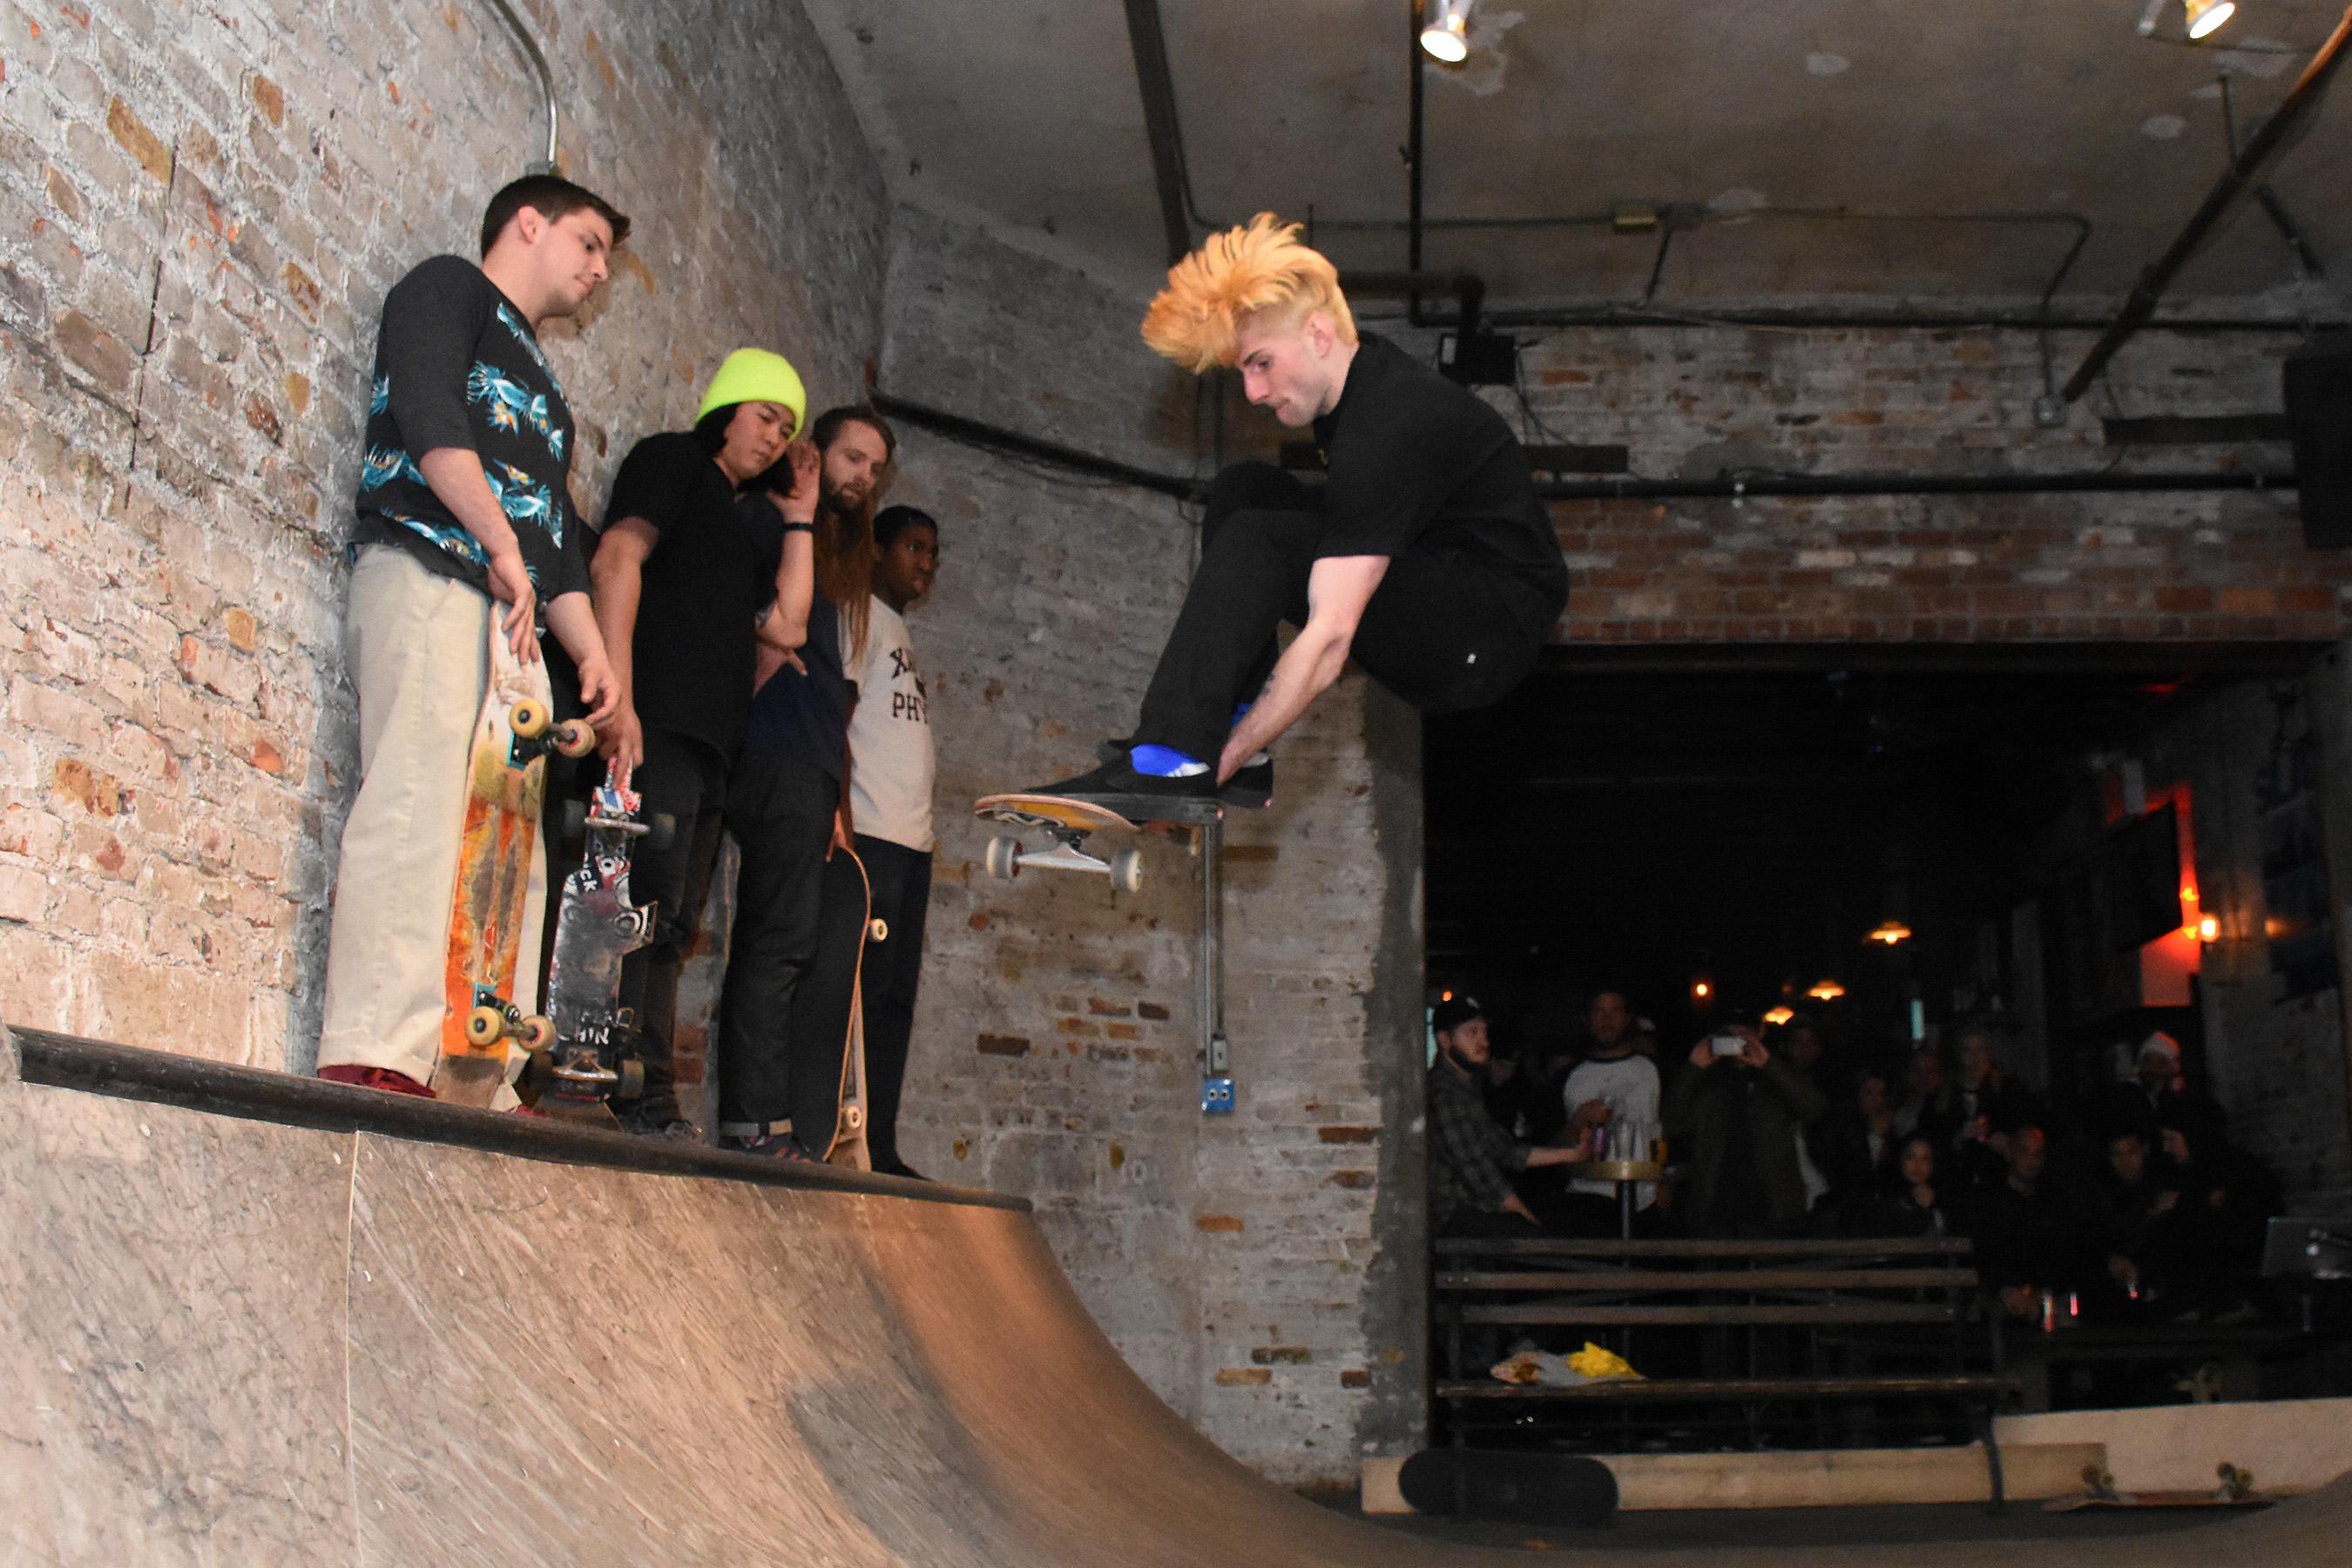 Skate-Night-3-03-11